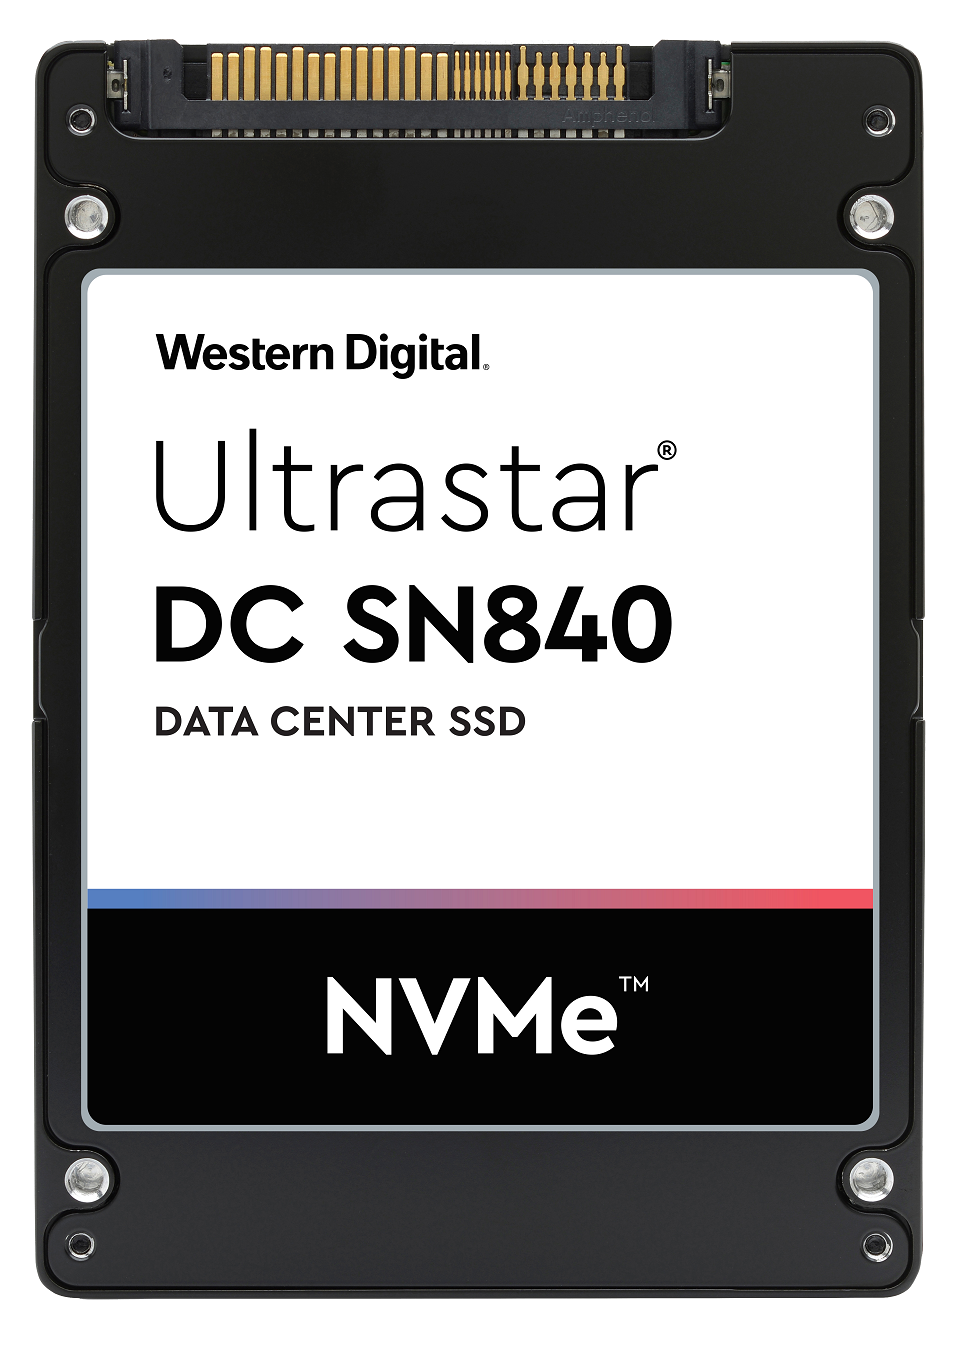 Dyski Western Digital NVMe SSD sprostają najważniejszym potrzebom w obszarze transformacji centrów danych